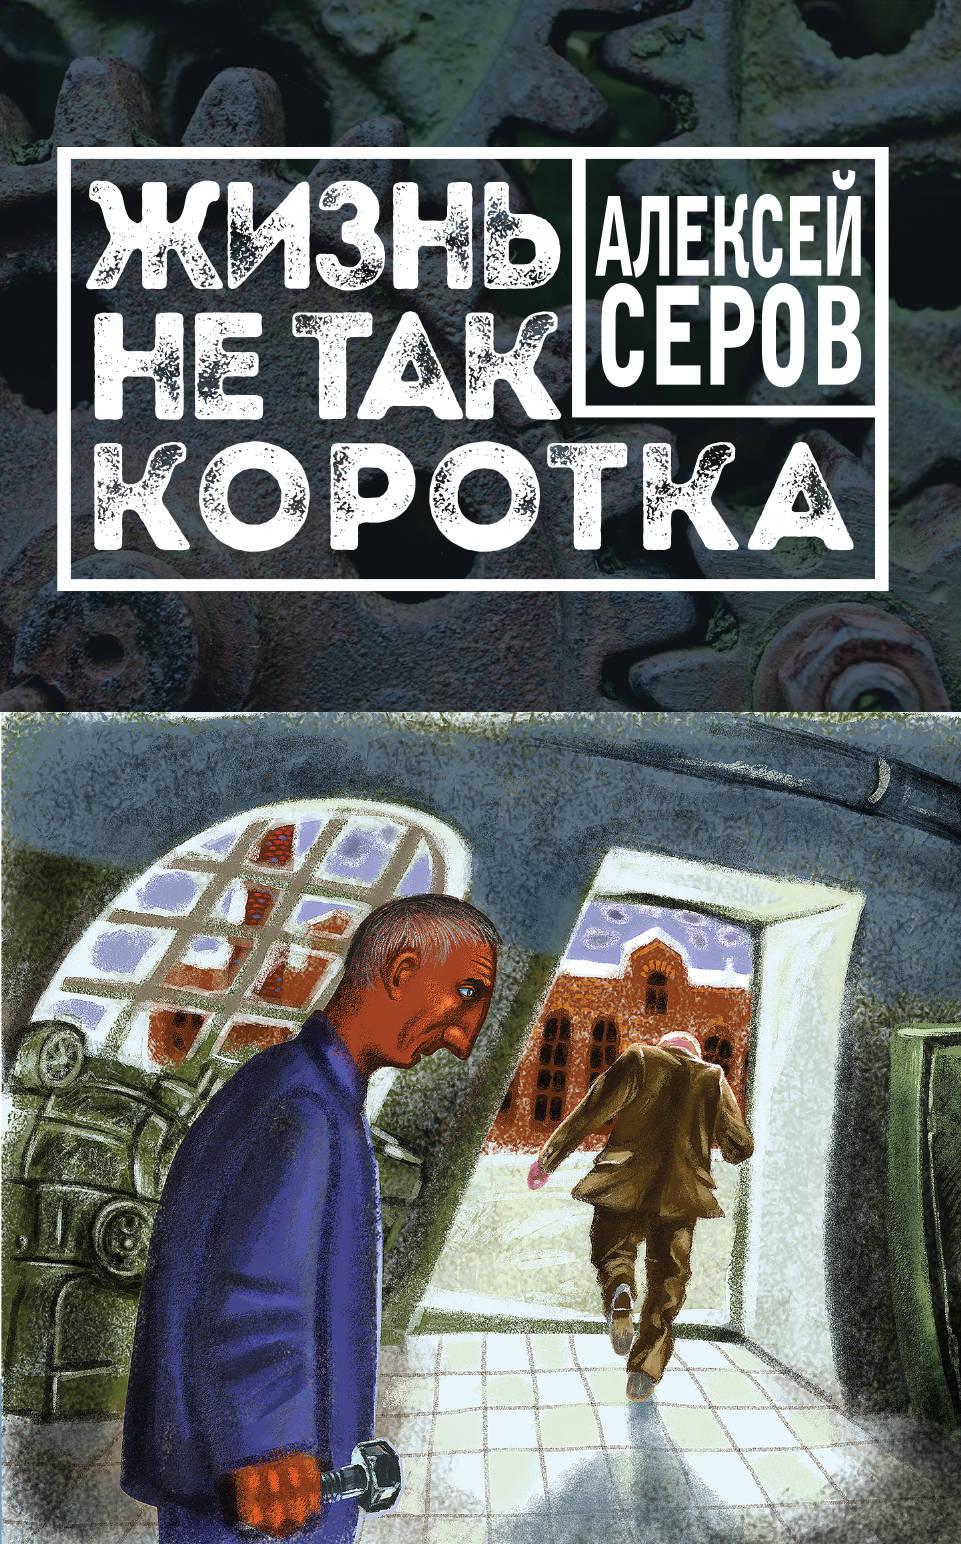 Серов Алексей Жизнь не так коротка серов а жизнь не так коротка сборник